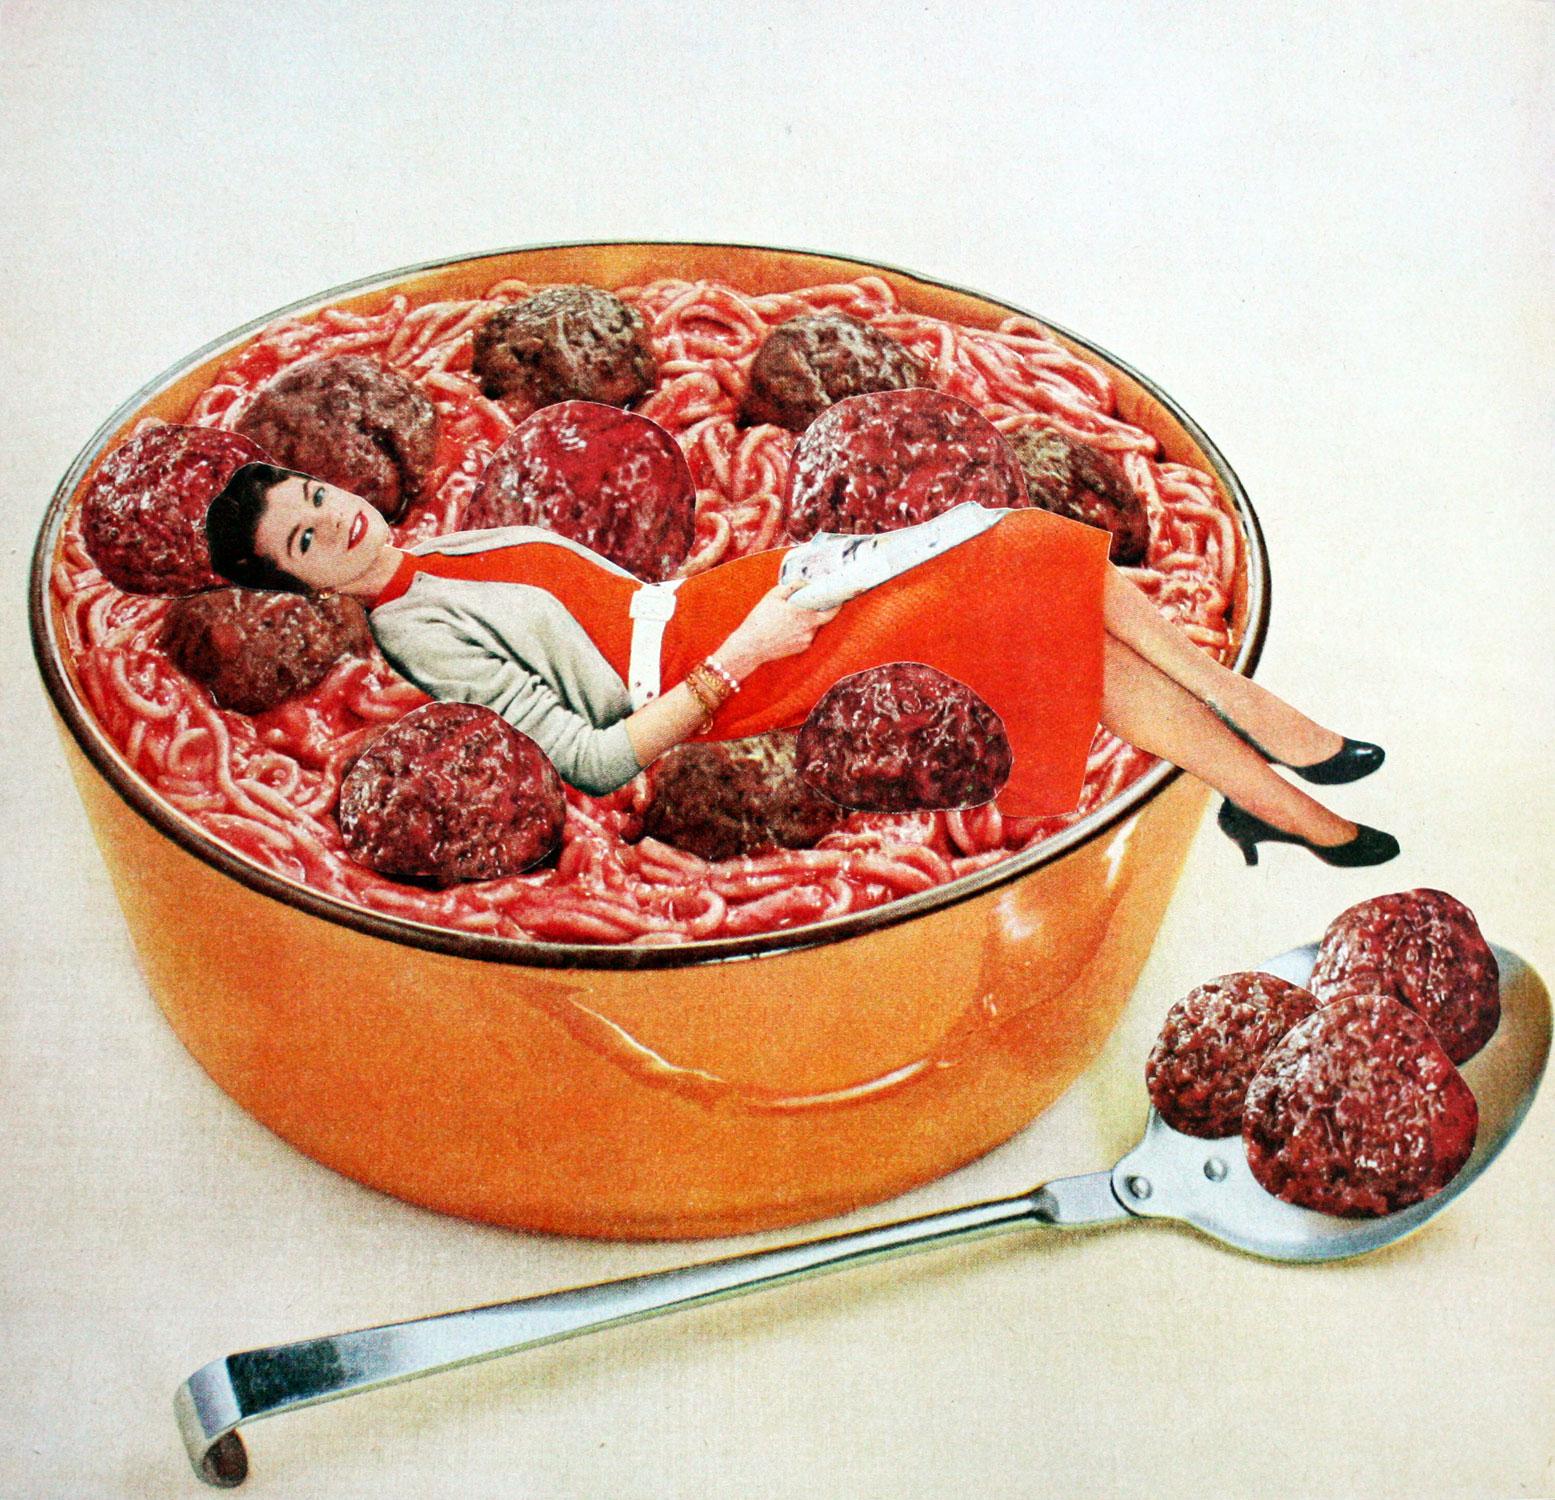 Meatball Life